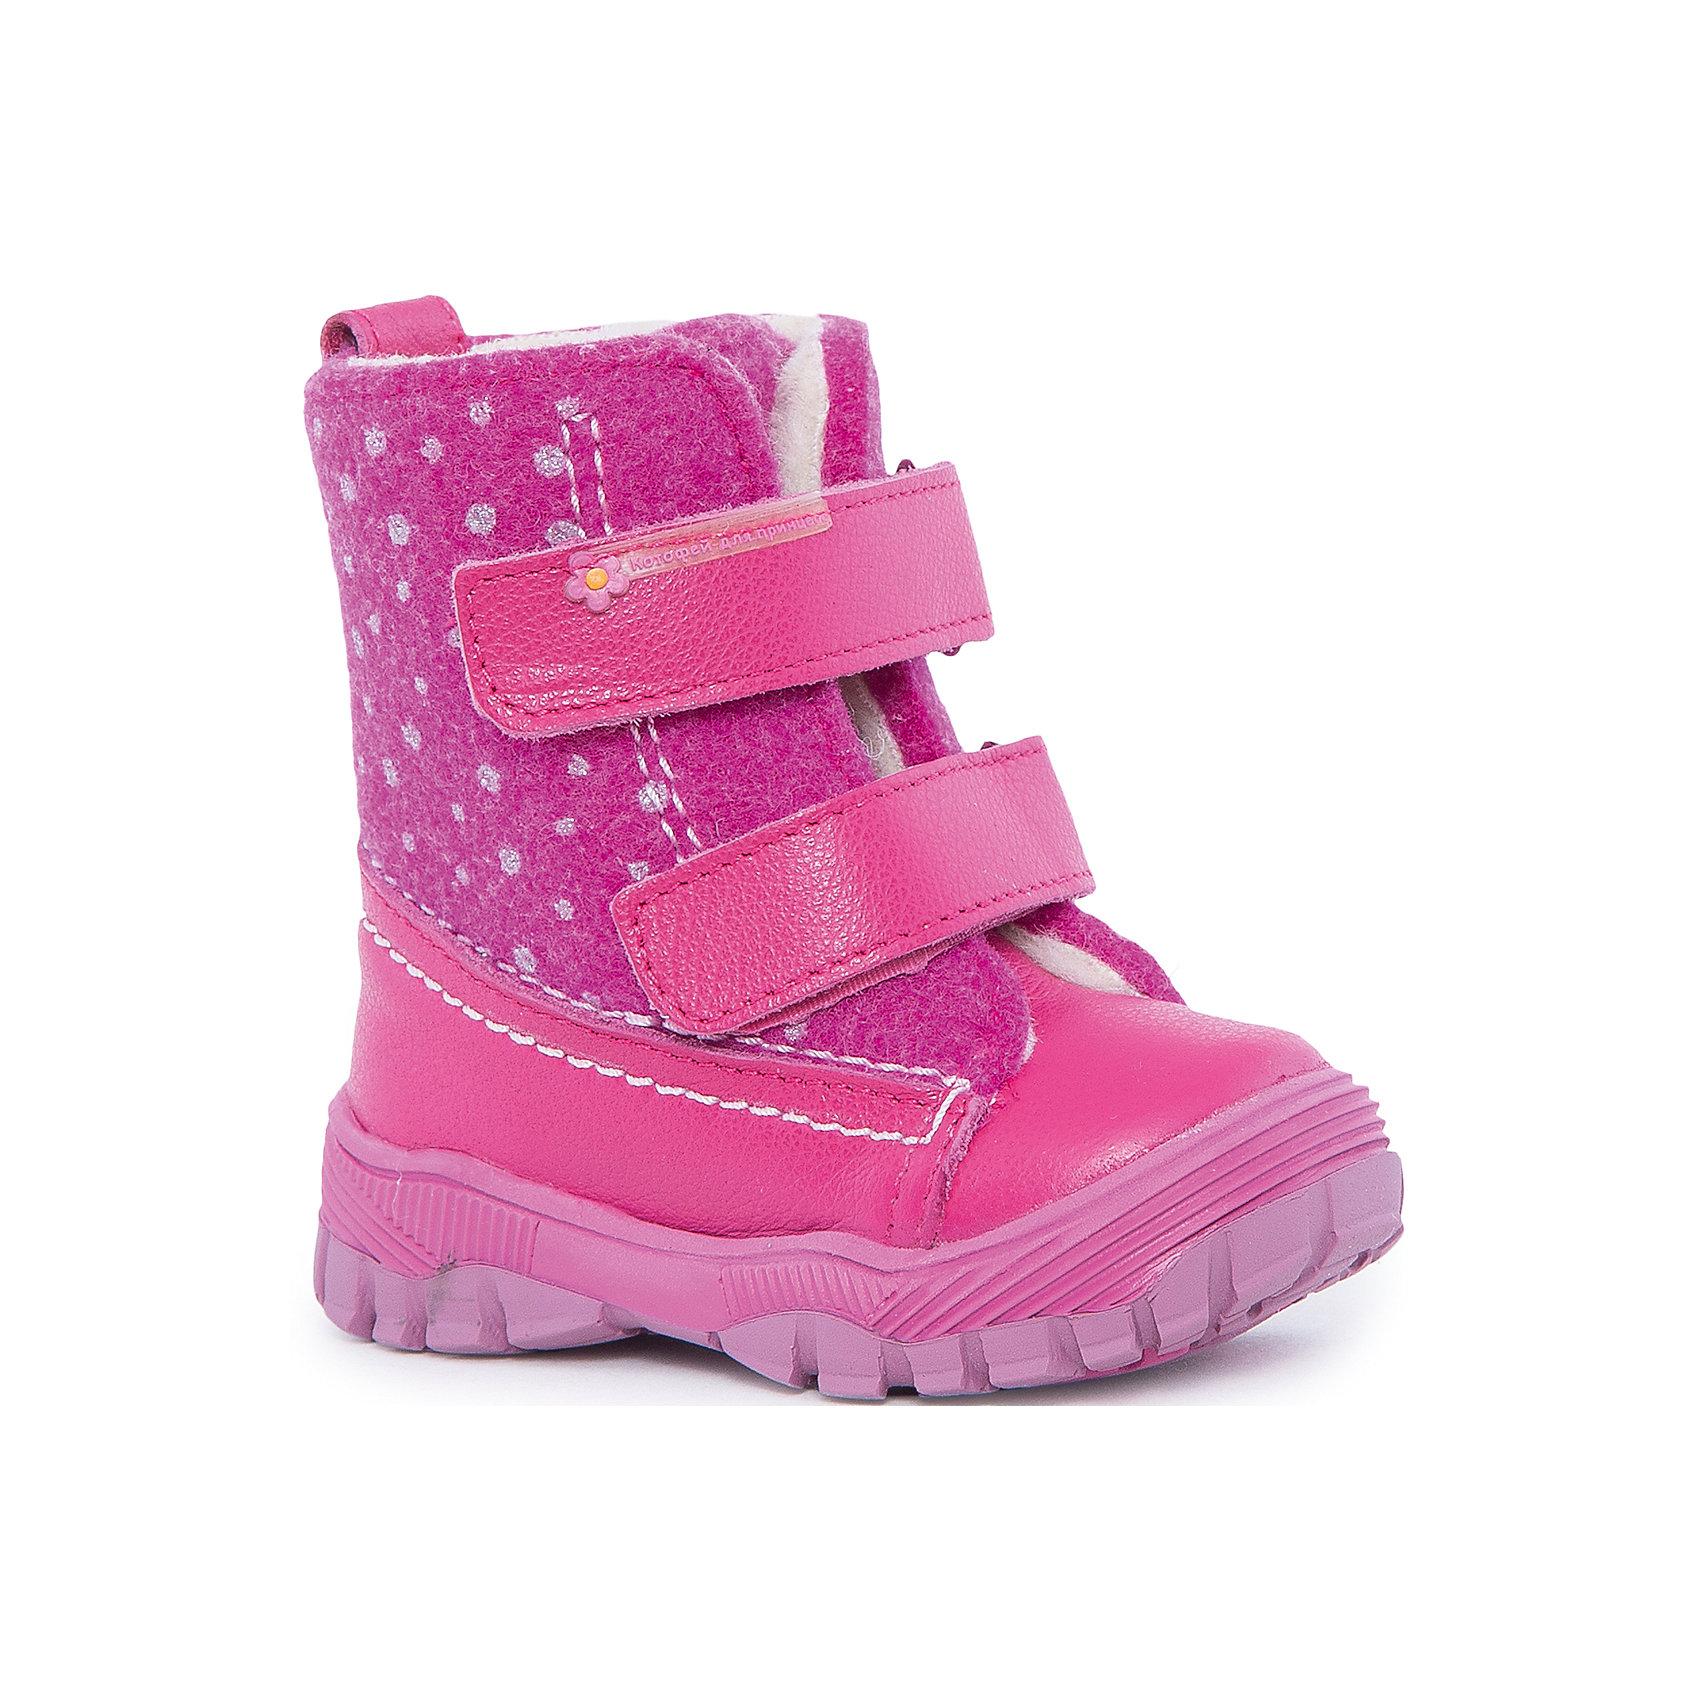 Ботинки для девочки КотофейКотофей – качественная и стильная детская обувь по доступным ценам. С каждым днем популярность бренда растет.  С наступлением зимних холодов очень важно выбрать удобную и теплую обувь, которая защитит ножки малыша от промокания, а здоровье от простуды. Стильные ботиночки придутся по душе всем родителям, стремящимся модно одевать свою кроху, а малышки оценят удобную застежку – липу, которая экономит время при обувании ботиночек. Модель надежно защищает от непогоды и создает стильный образ малышу.<br><br>Дополнительная информация:<br><br>цвет: фуксия;<br>вид крепления: на клею;<br>застежка: липучка;<br>температурный режим: от -15 °С до +5° С.<br><br>Состав:<br>материл верха – комбинированный;<br>подклад – мех шерстяной;<br>подошва – ТЭП.<br><br>Зимние ботиночки для девочек ясельного возраста от фирмы Котофей можно купить у нас в магазине.<br><br>Ширина мм: 262<br>Глубина мм: 176<br>Высота мм: 97<br>Вес г: 427<br>Цвет: розовый<br>Возраст от месяцев: 24<br>Возраст до месяцев: 36<br>Пол: Женский<br>Возраст: Детский<br>Размер: 23,24,26,21,22,25<br>SKU: 4982396